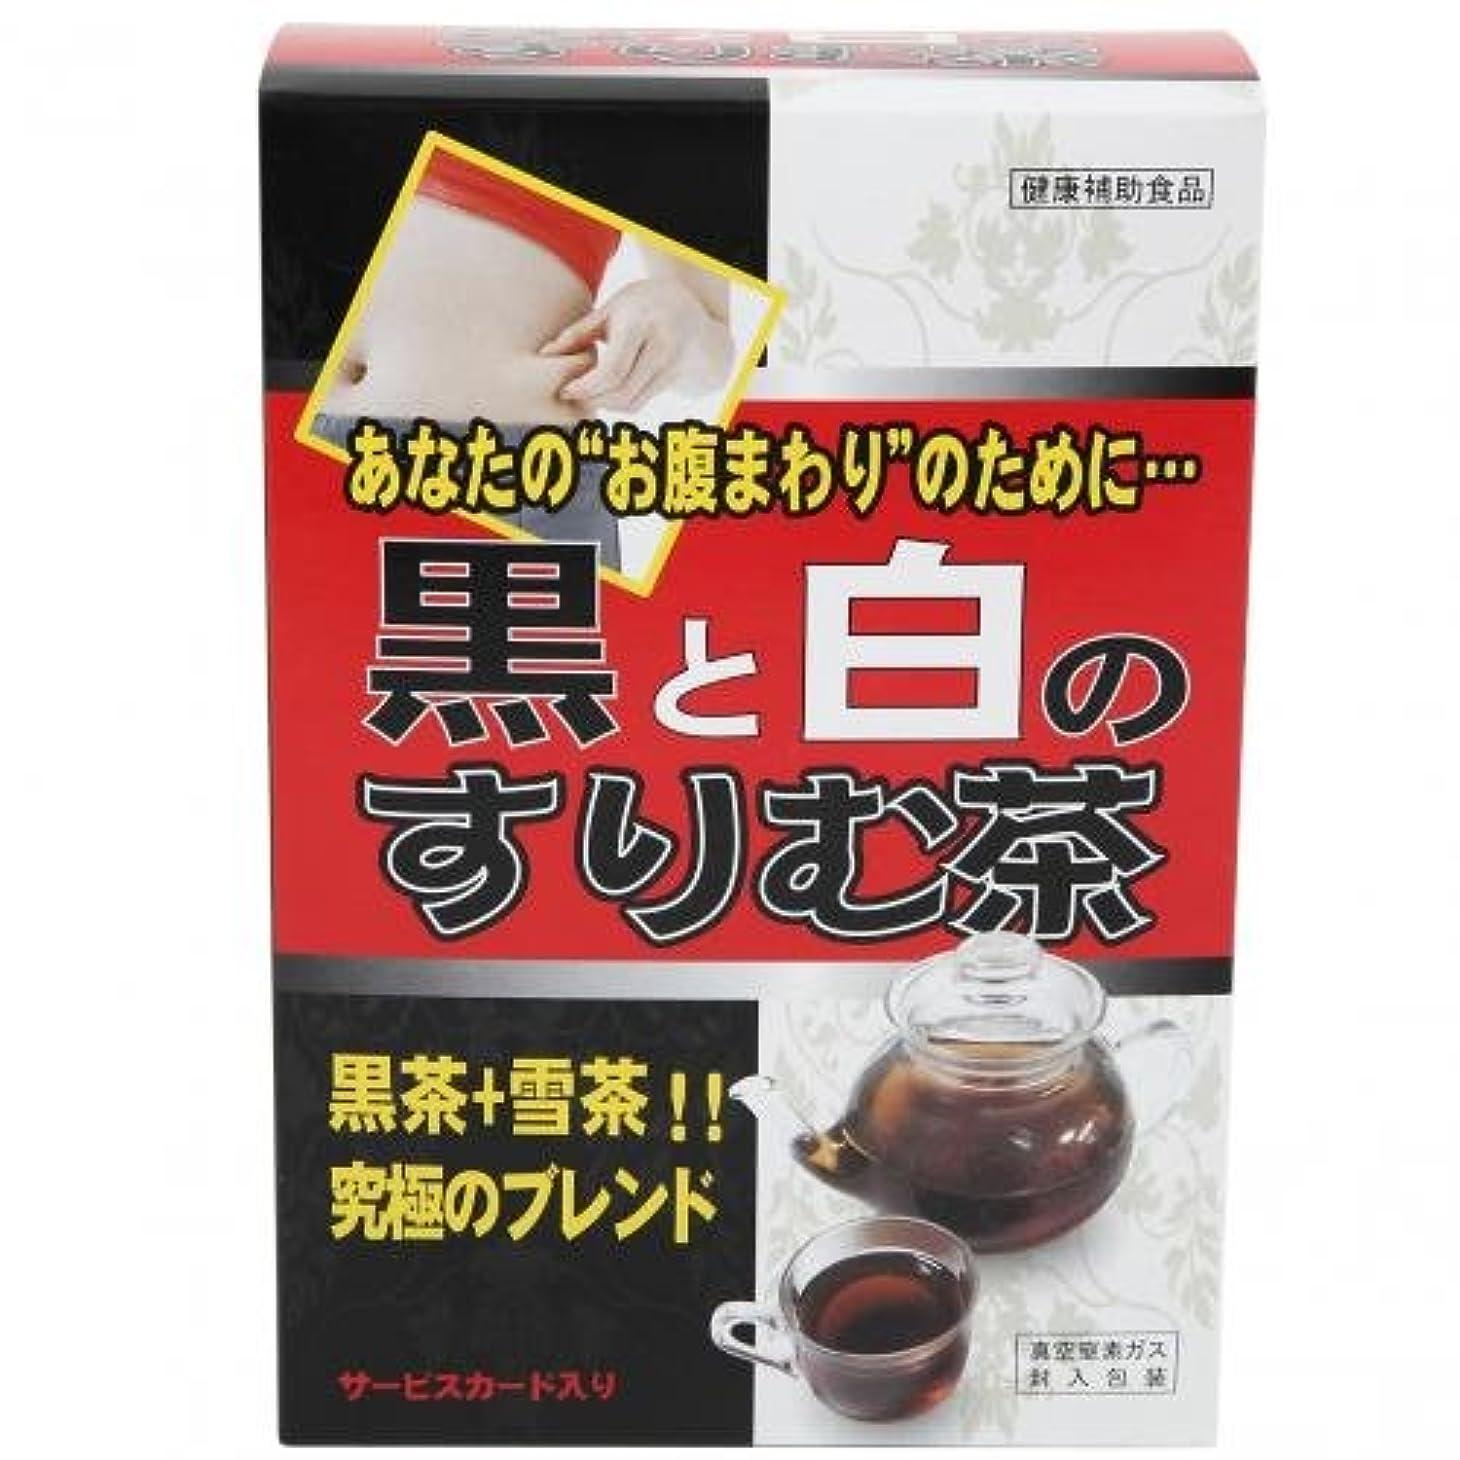 森背骨動共栄黒と白のすりむ茶 24包